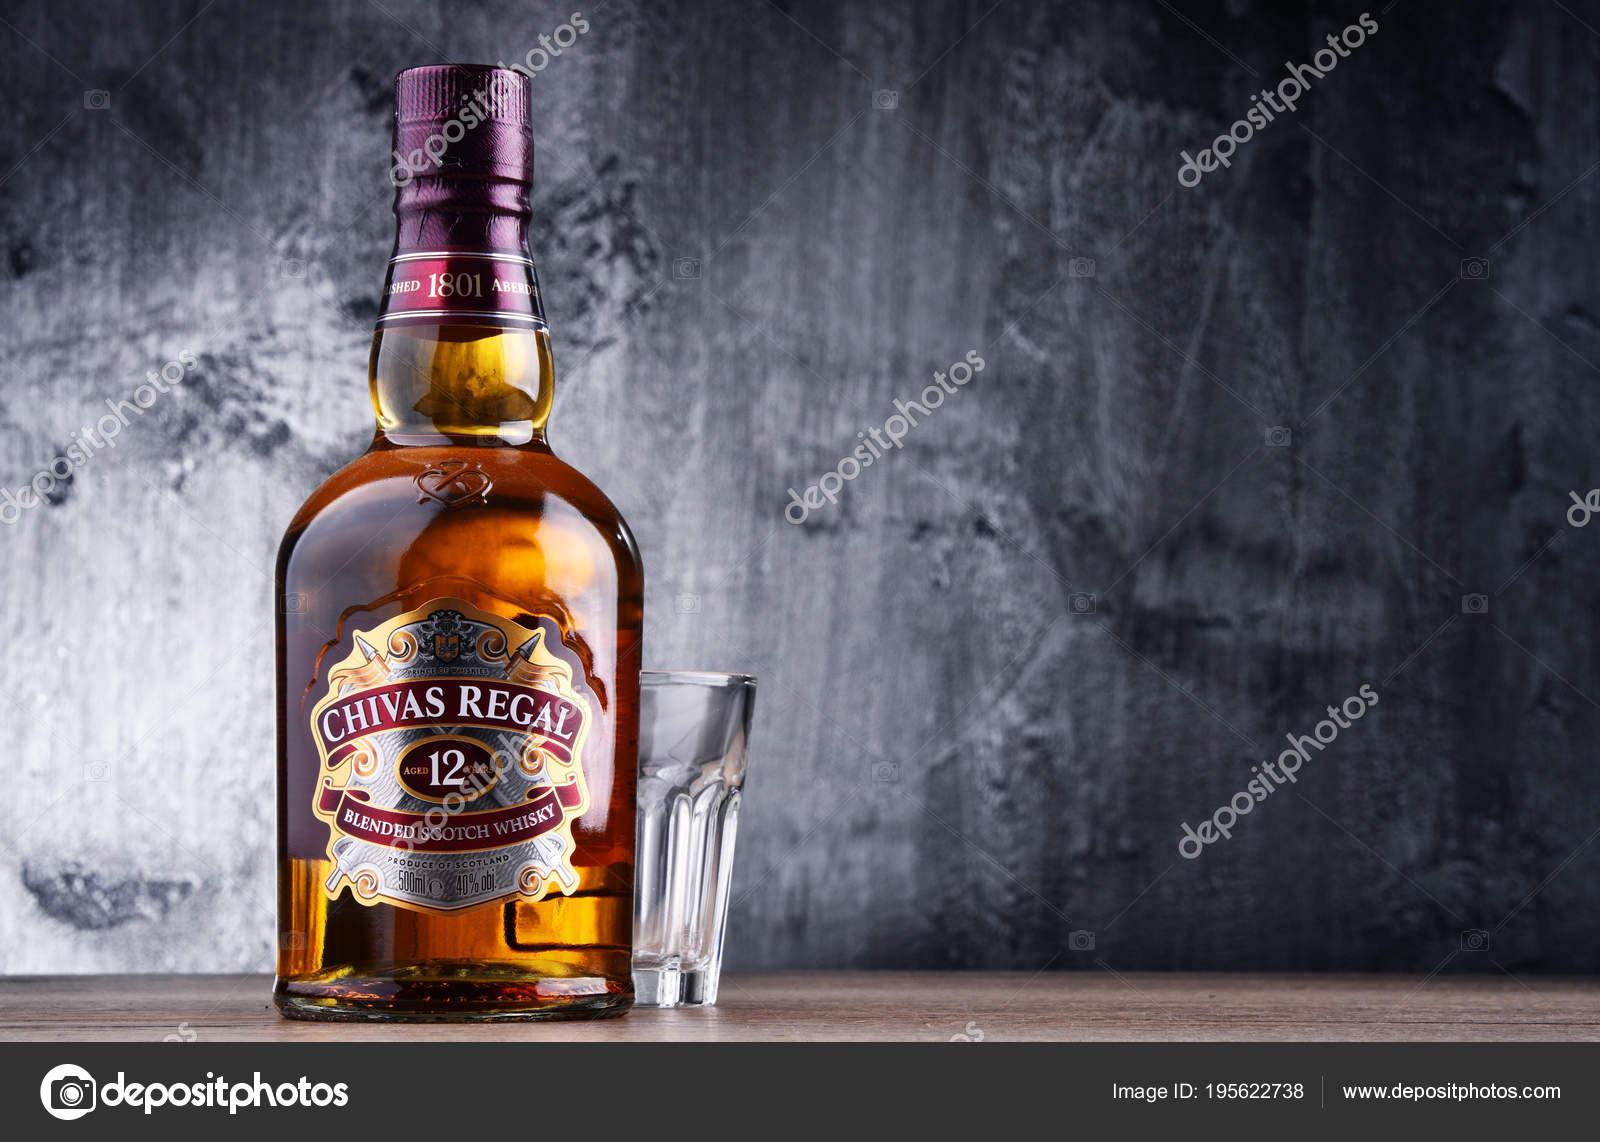 Chivas regal, eine Flasche